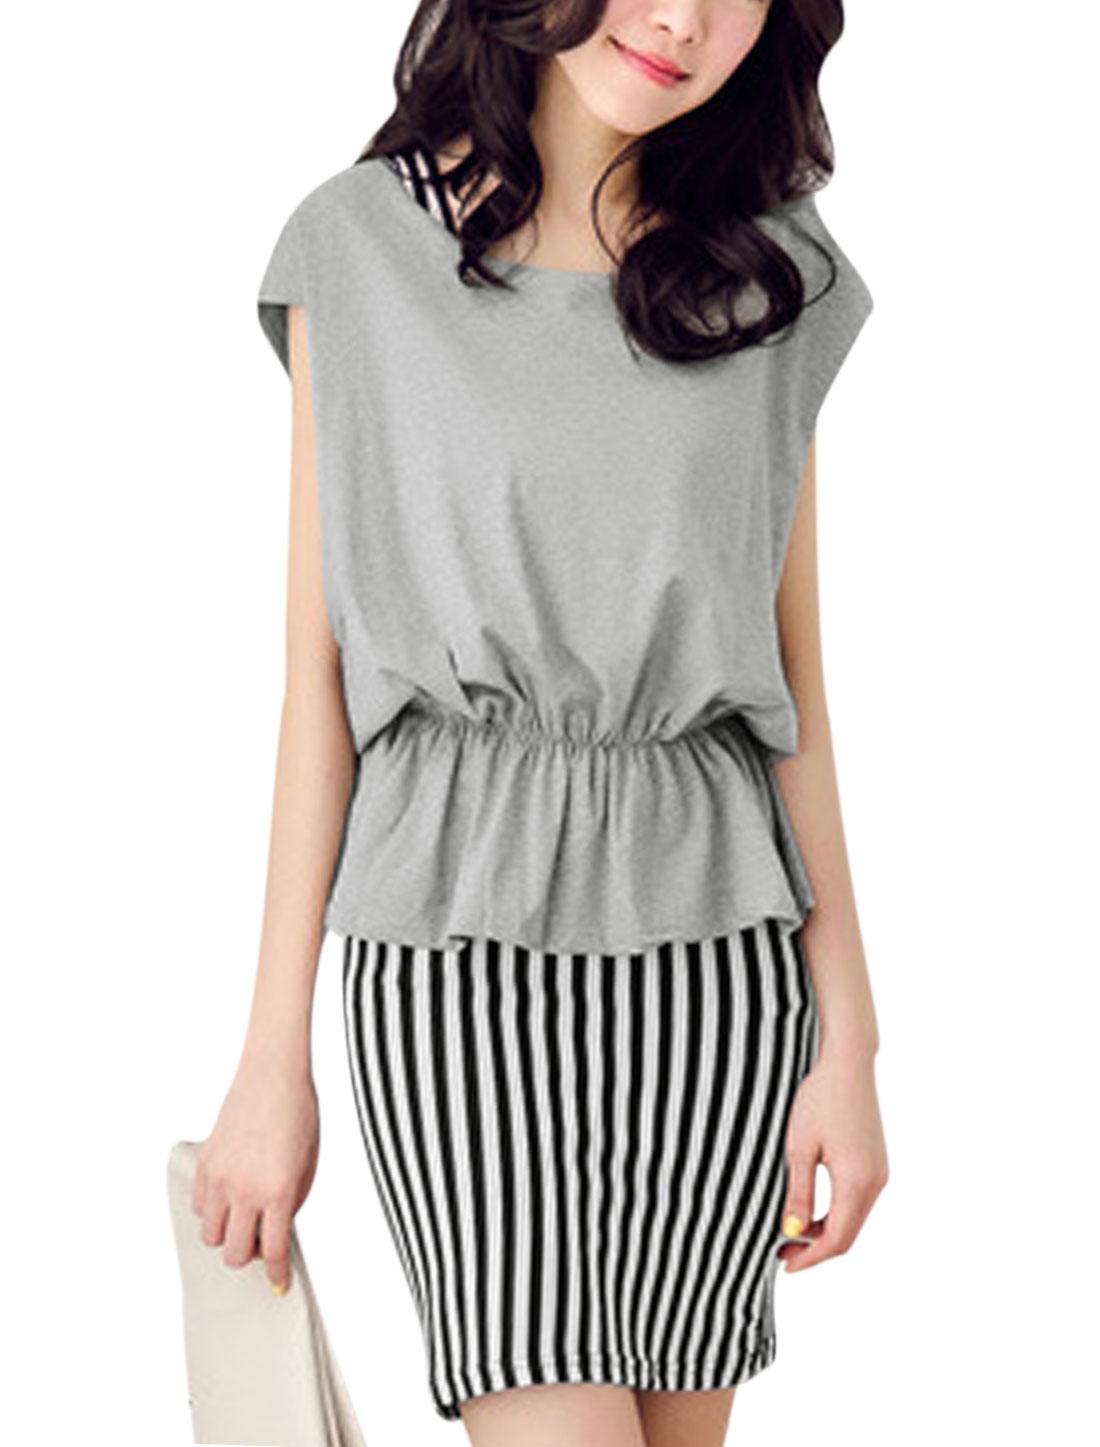 Lady Stripes Slim Fit Dress w Sleeveless Stretchy Waist Top Gray M